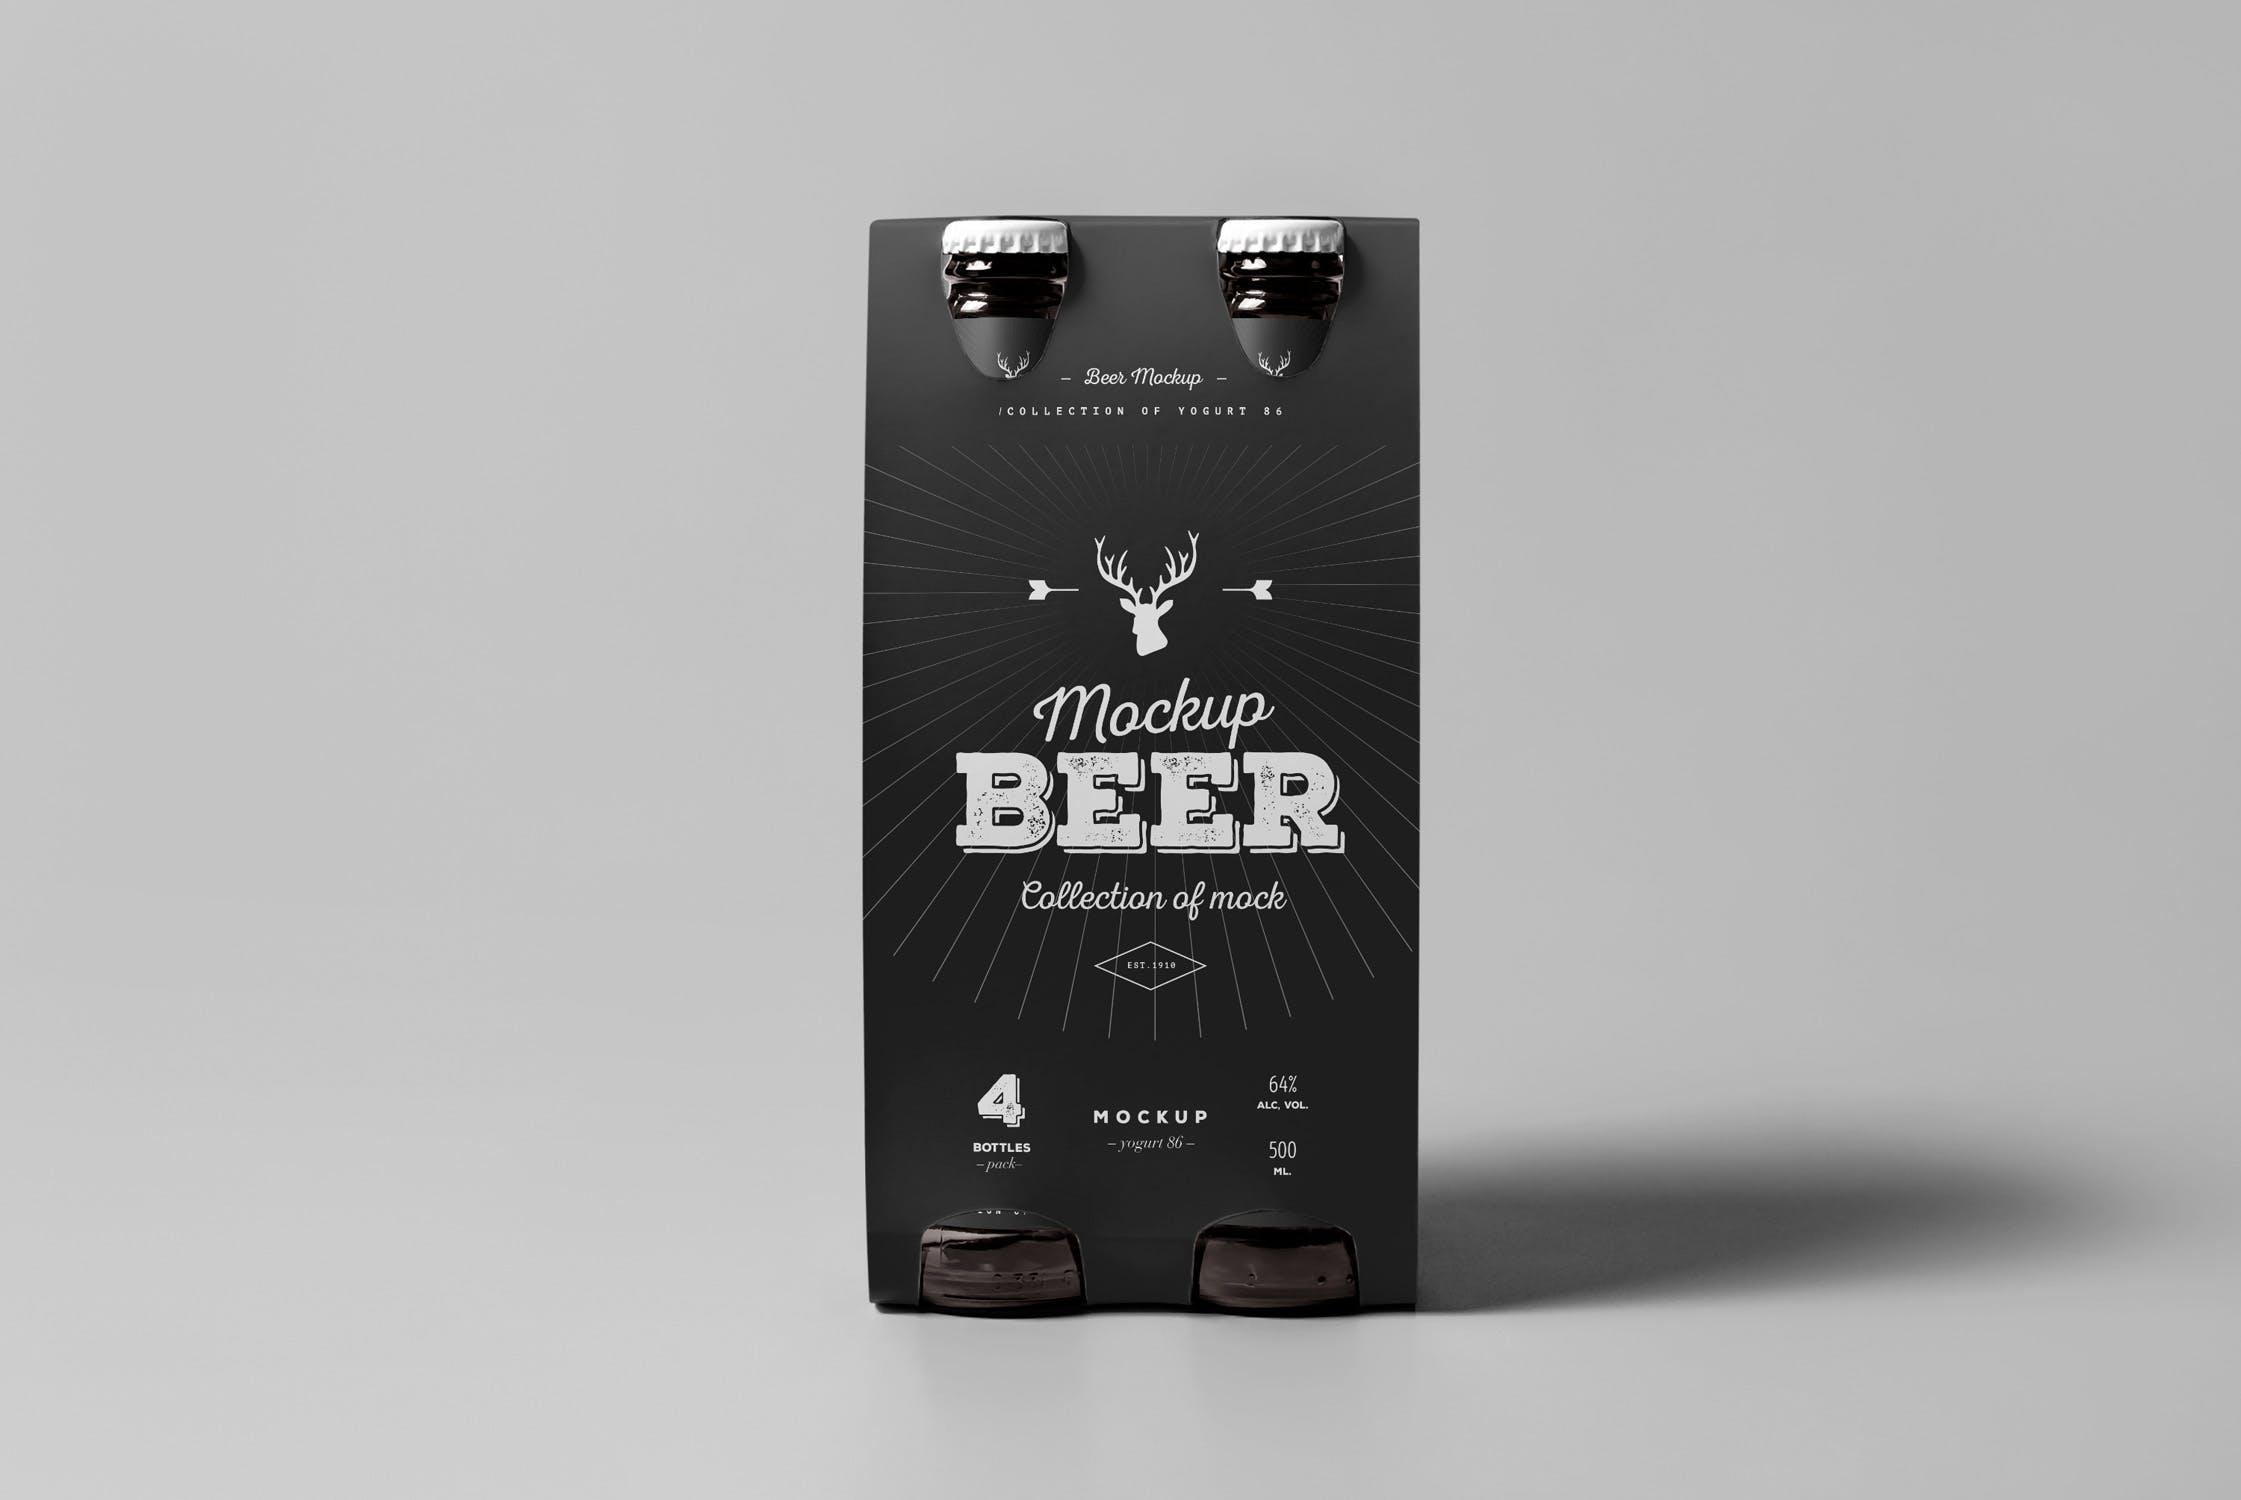 高端精致啤酒手提样机模板展示素材 Beer Mock-up 4